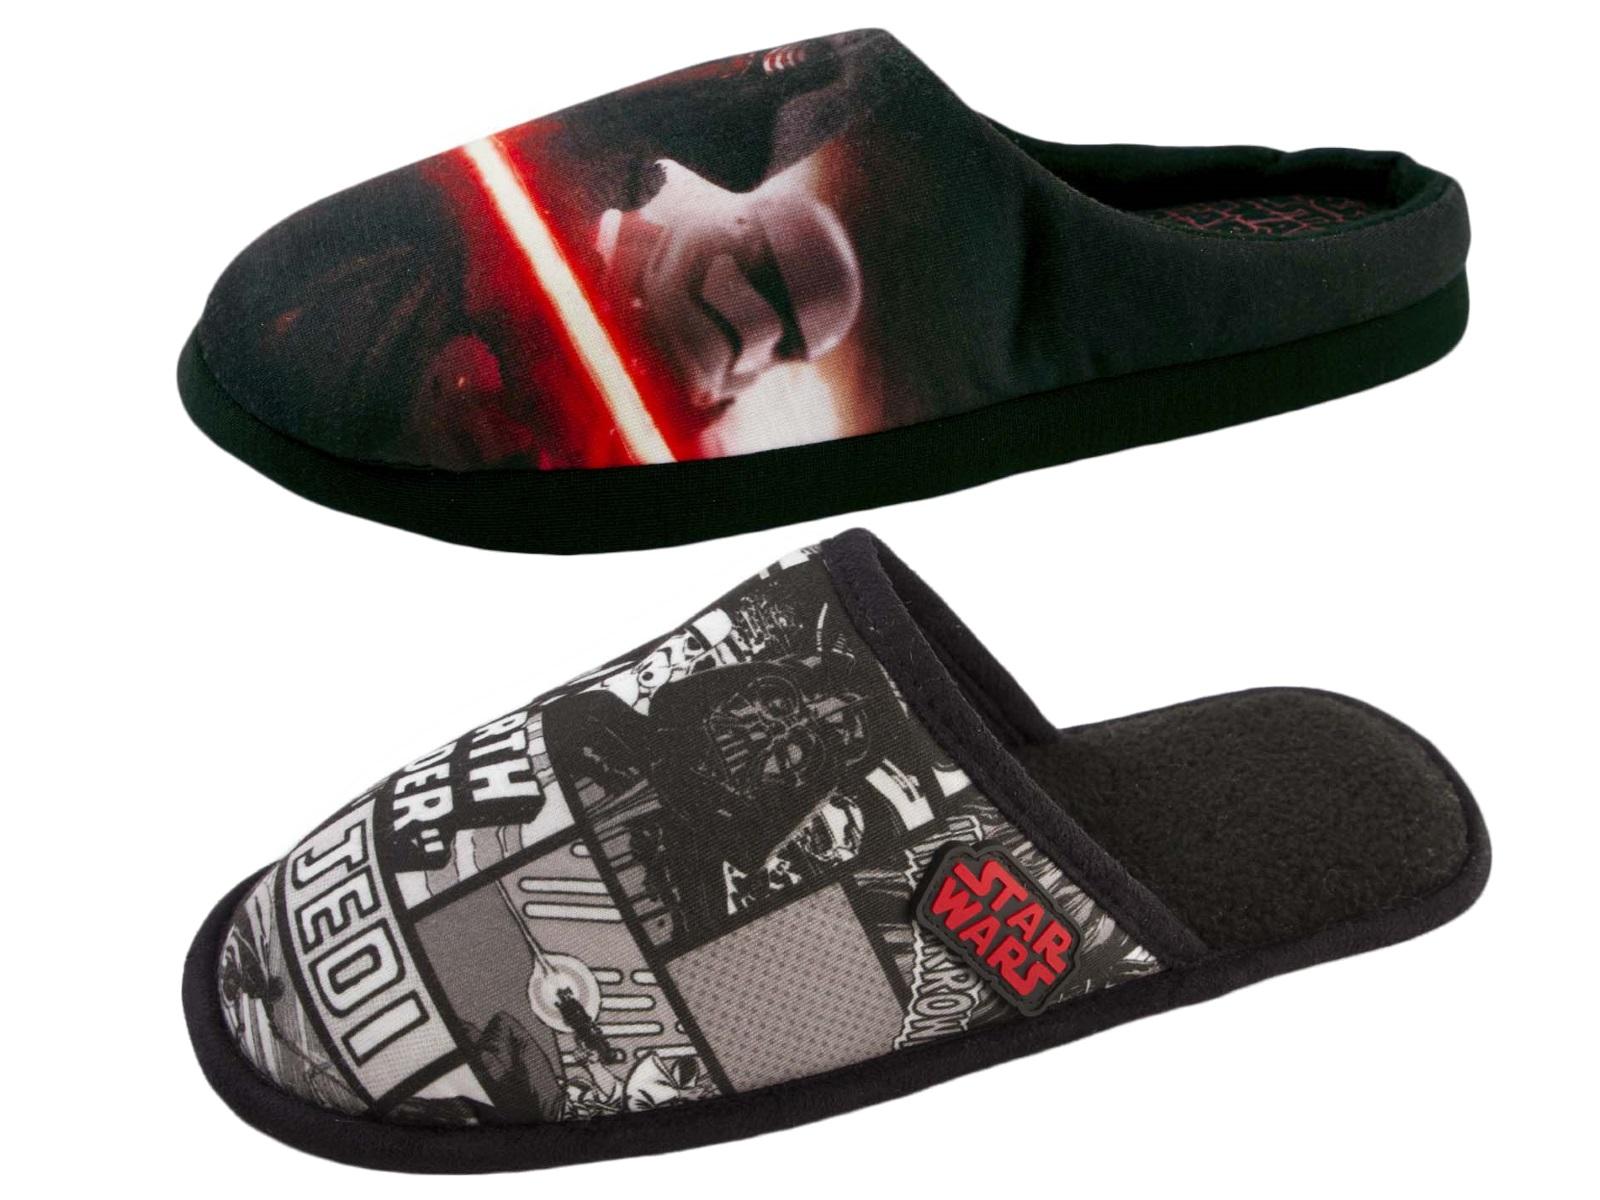 c1cf4af1ff Mens Star Wars Slippers Darth Vader Storm Trooper Novelty Mules Xmas Gift  Size